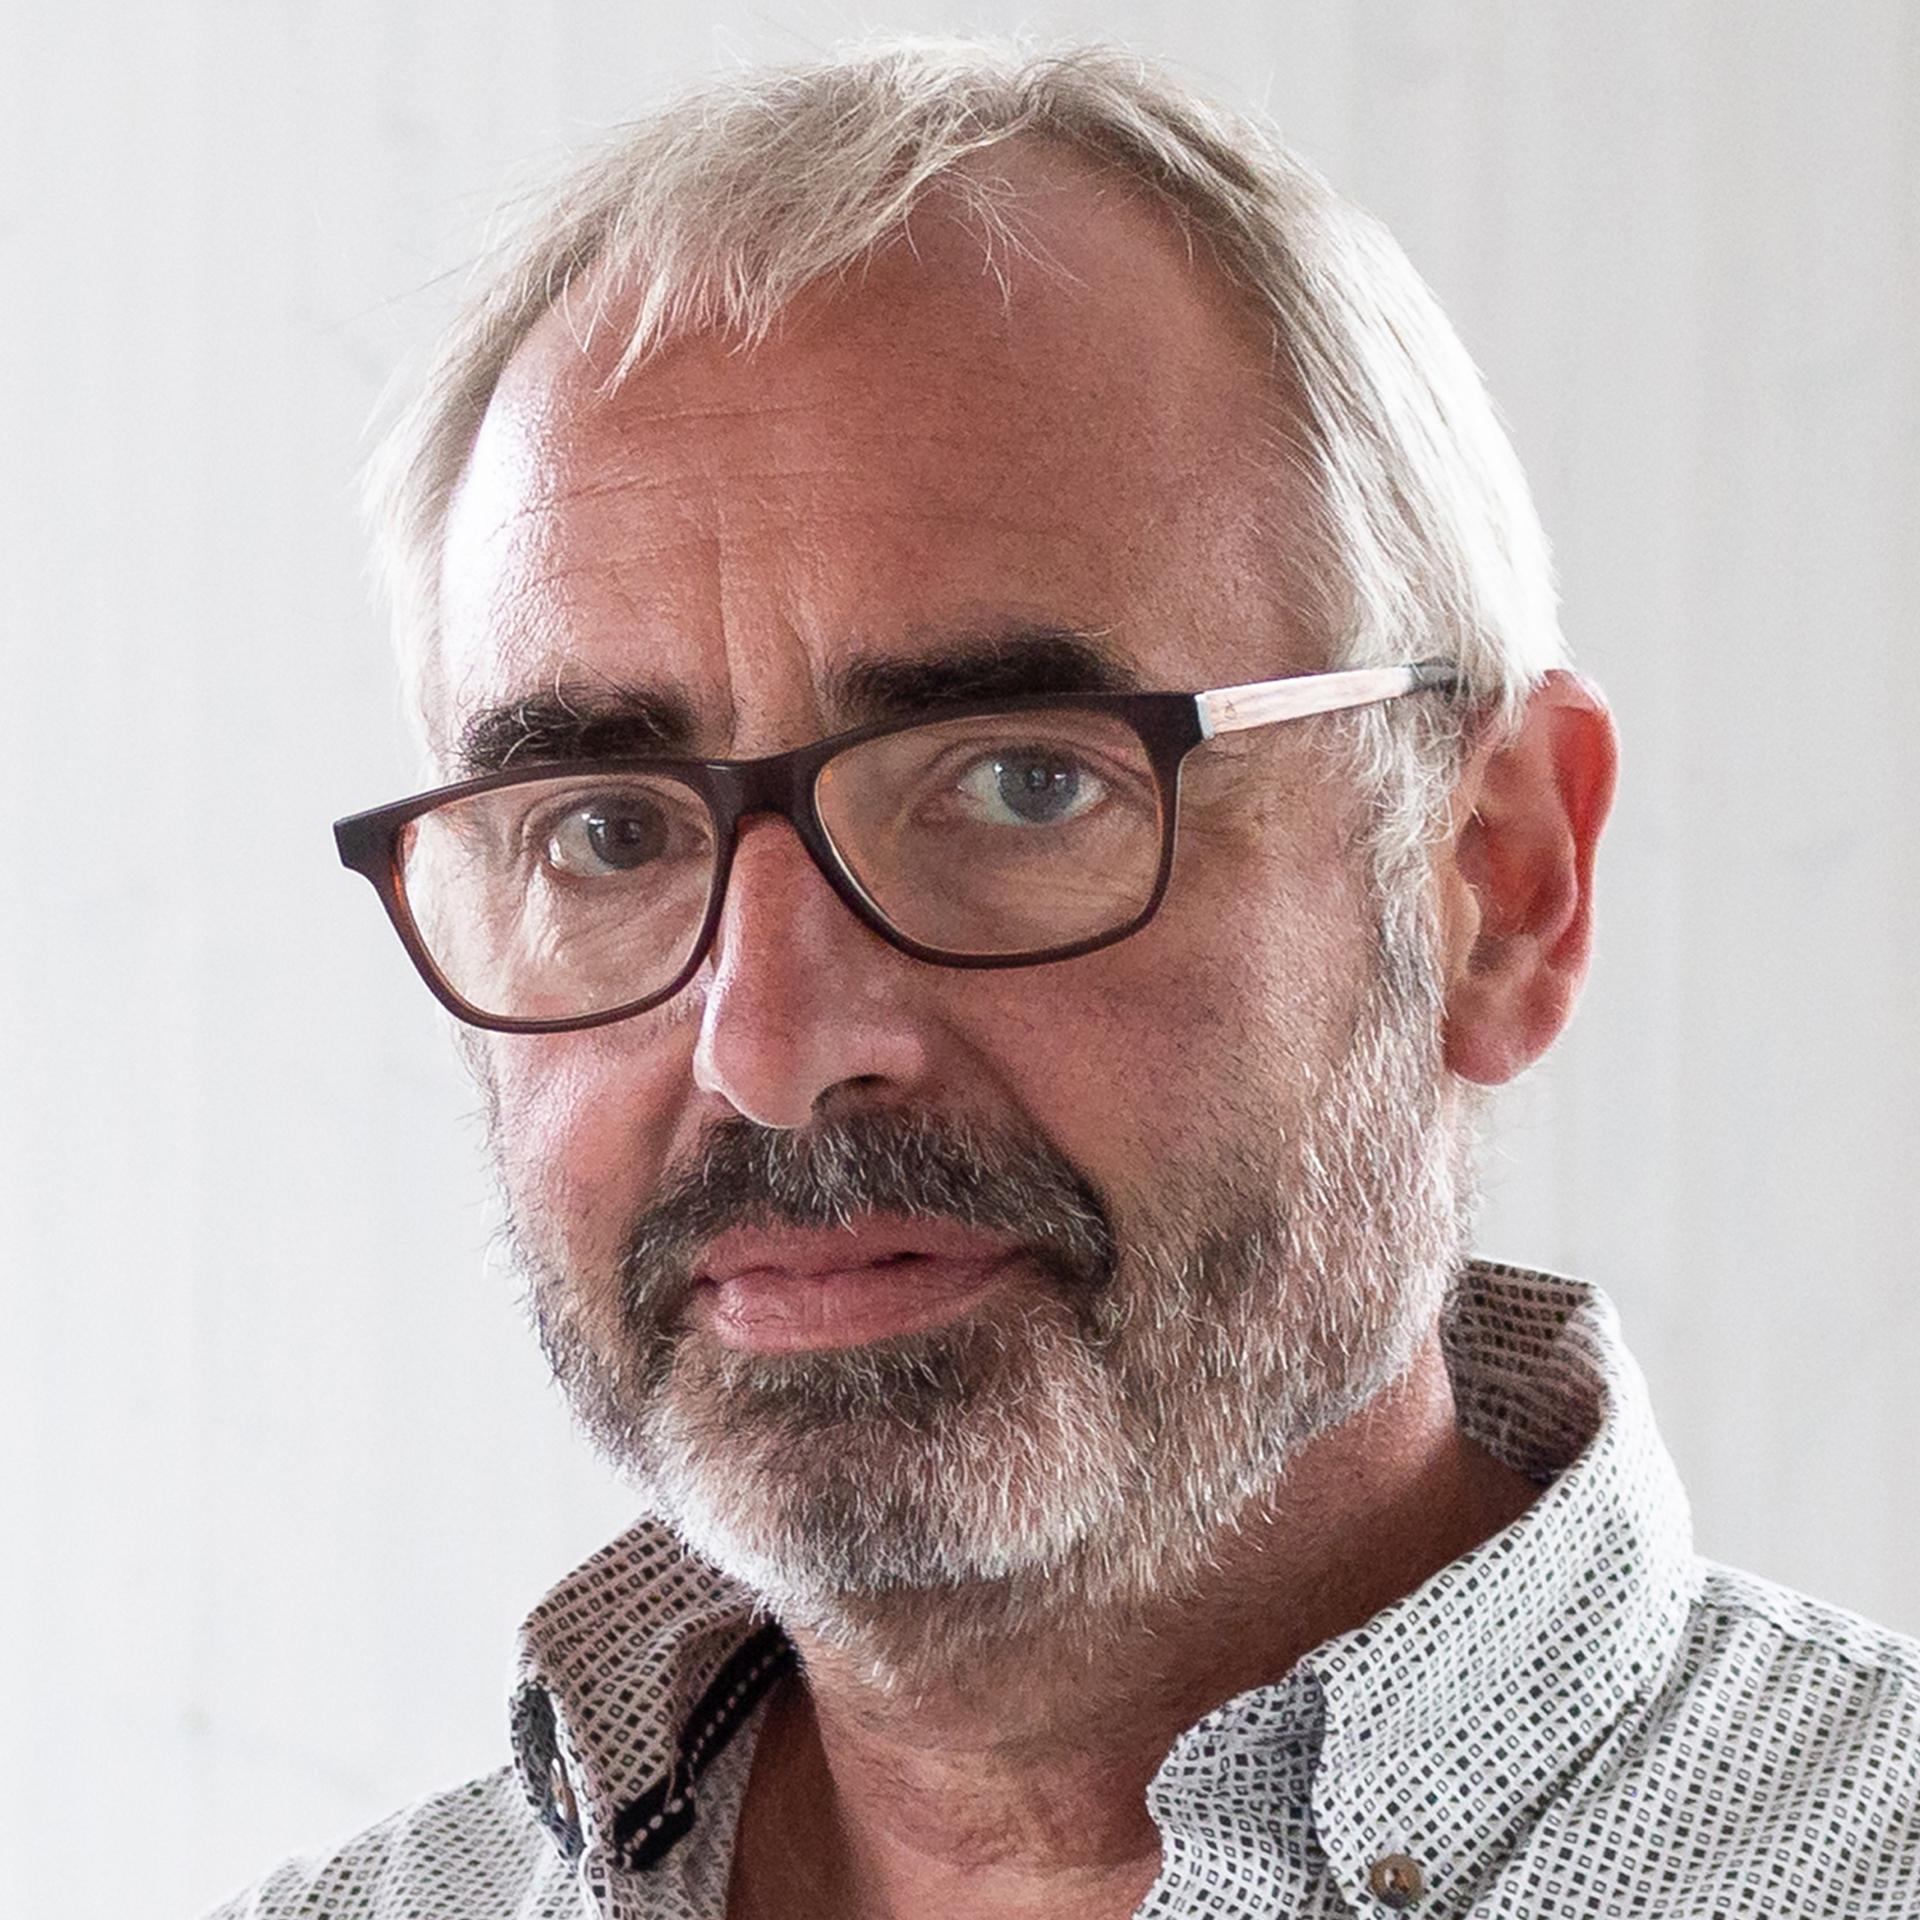 Elmar Willems, Produktionsentwicklung und Gebäudetechnik, HASE Kaminofenbau